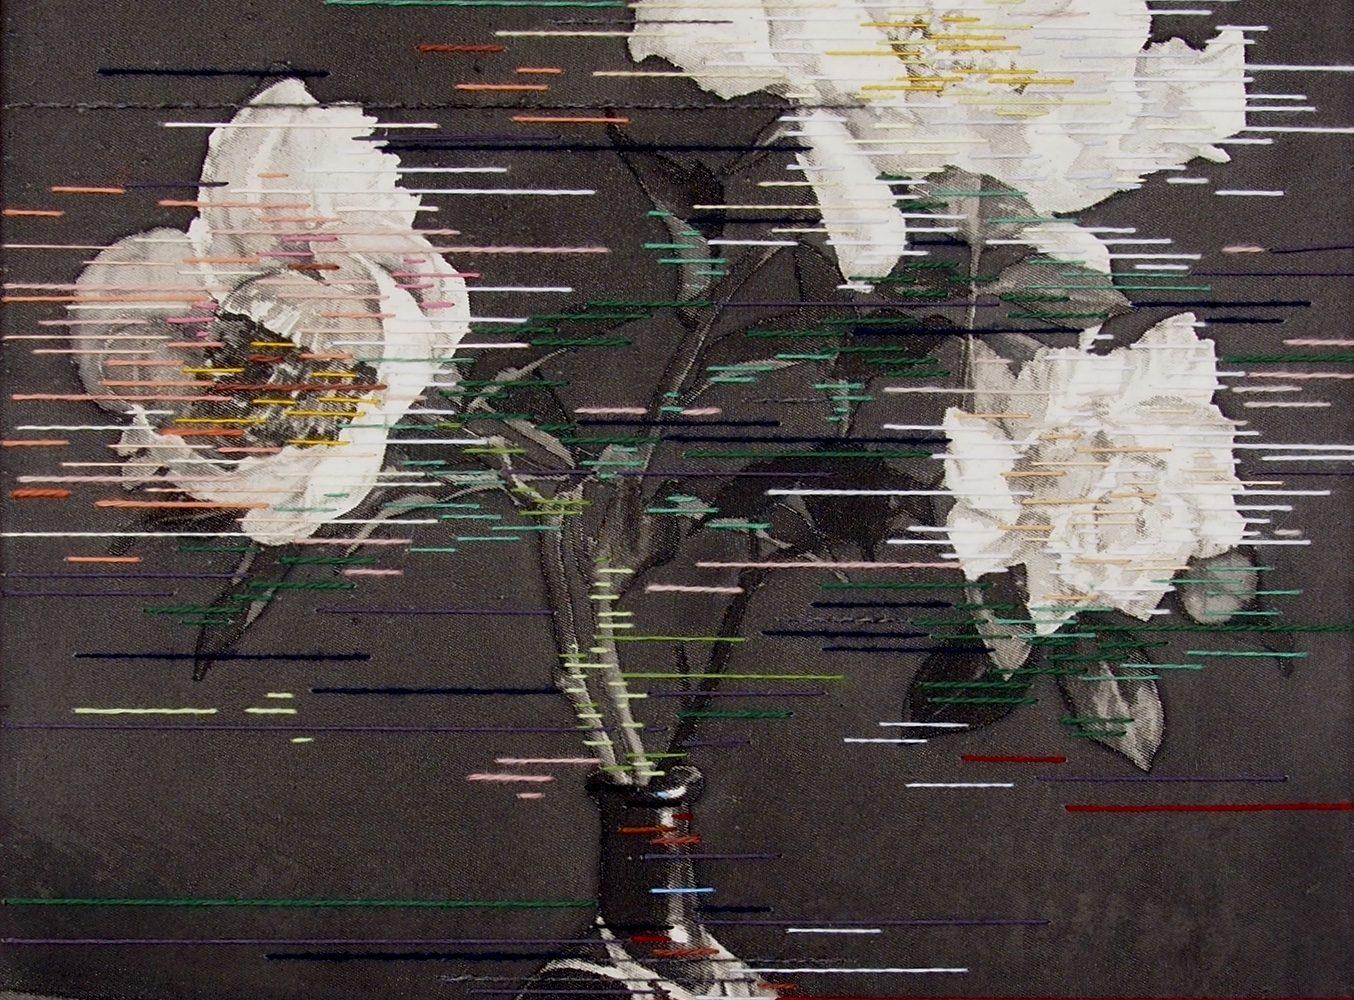 Linda Männel: Glowing in the dark, 2020, Tusche/Garn auf Leinwand, 40 x 52 cm